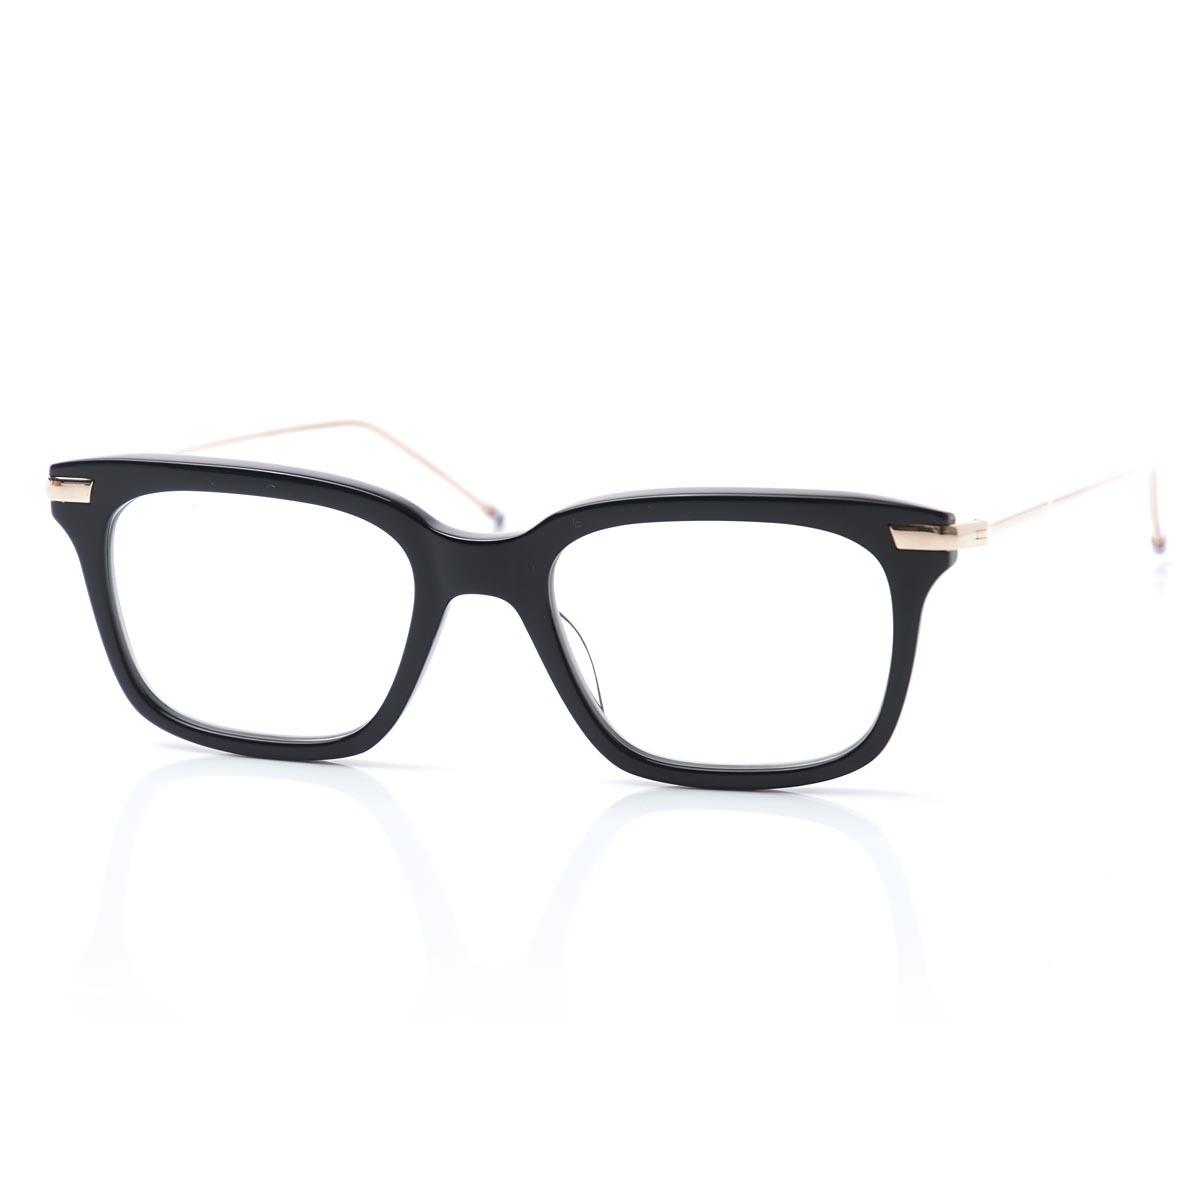 トムブラウン THOM BROWNE. 眼鏡 メガネ ブラック メンズ 黒 tb 701 a blk gld ウェリントン【あす楽対応_関東】【ラッピング無料】【返品送料無料】【180625】